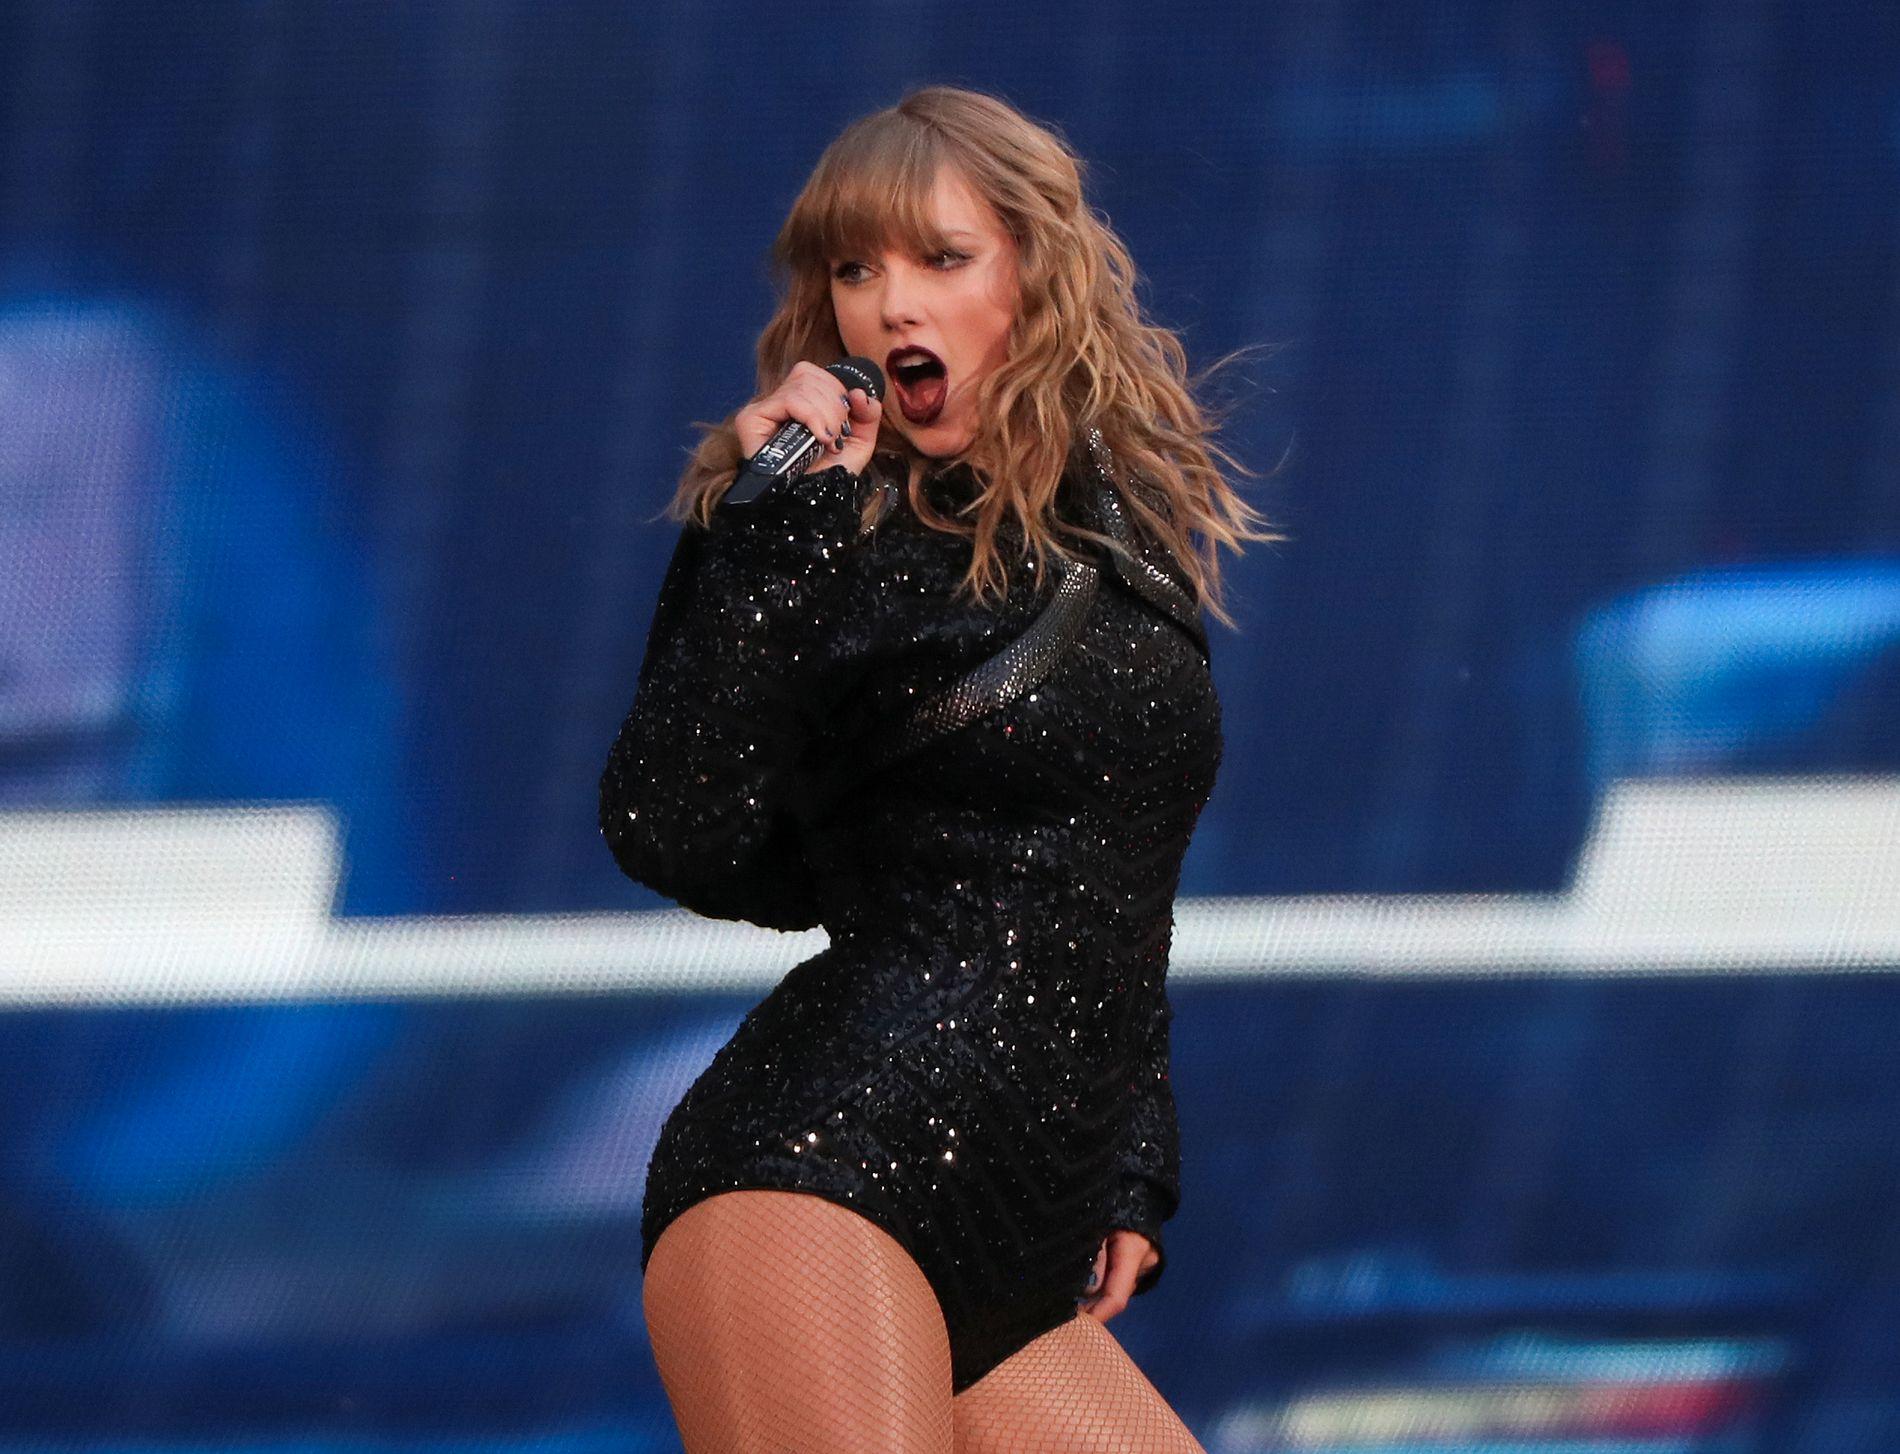 FULLE HUS: Taylor Swift (28) tjener for tiden store penger på «Reputation»-turneen, også med profilerte gjesteartister på plakaten.